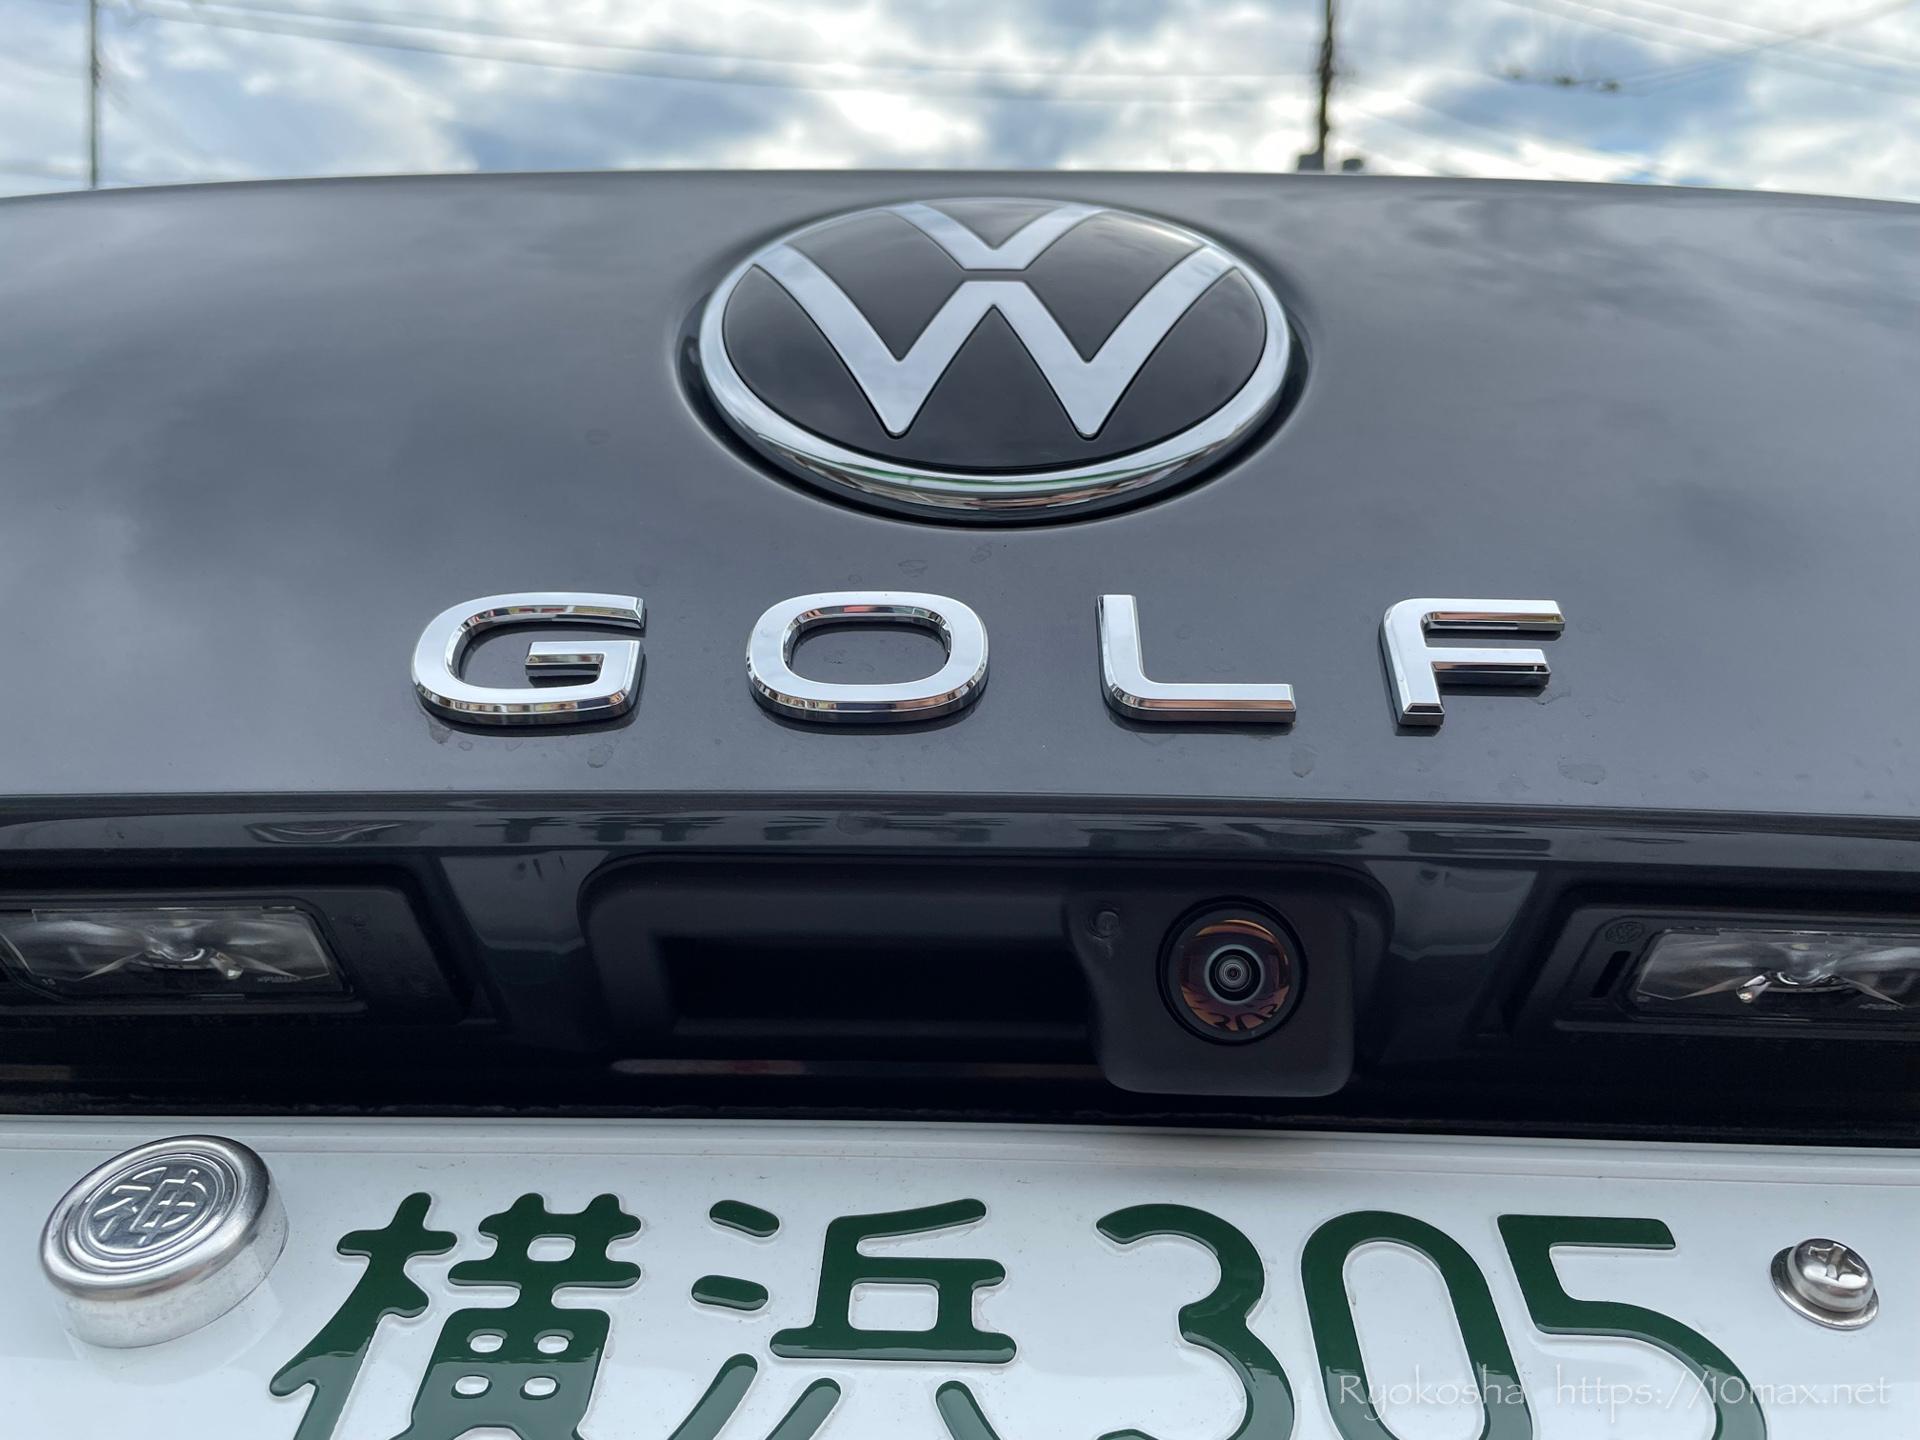 ゴルフヴァリアント ゴルフ8 R-Line 新型 2021年 電動パワーテールゲート